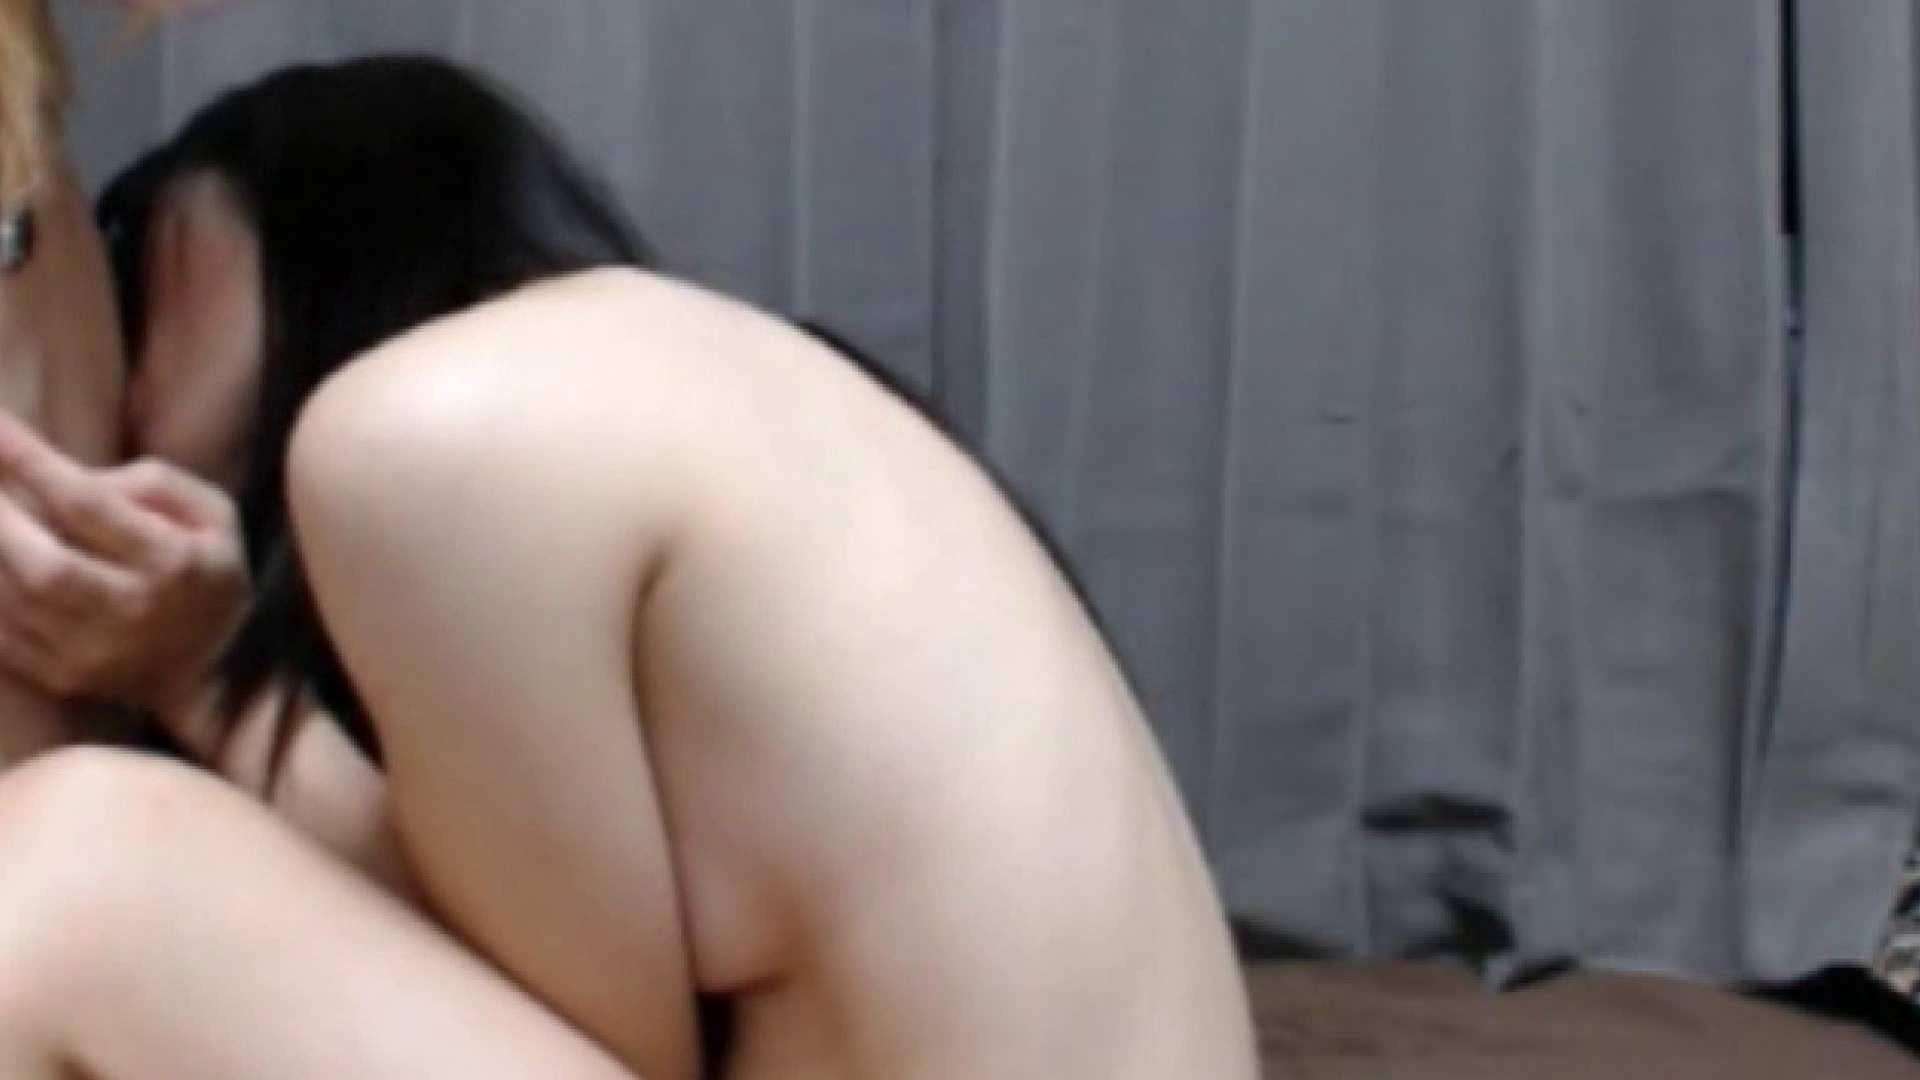 素人ギャル女良のハメ撮り!生チャット!Vol.11前編 OL裸体 | 素人  91画像 34